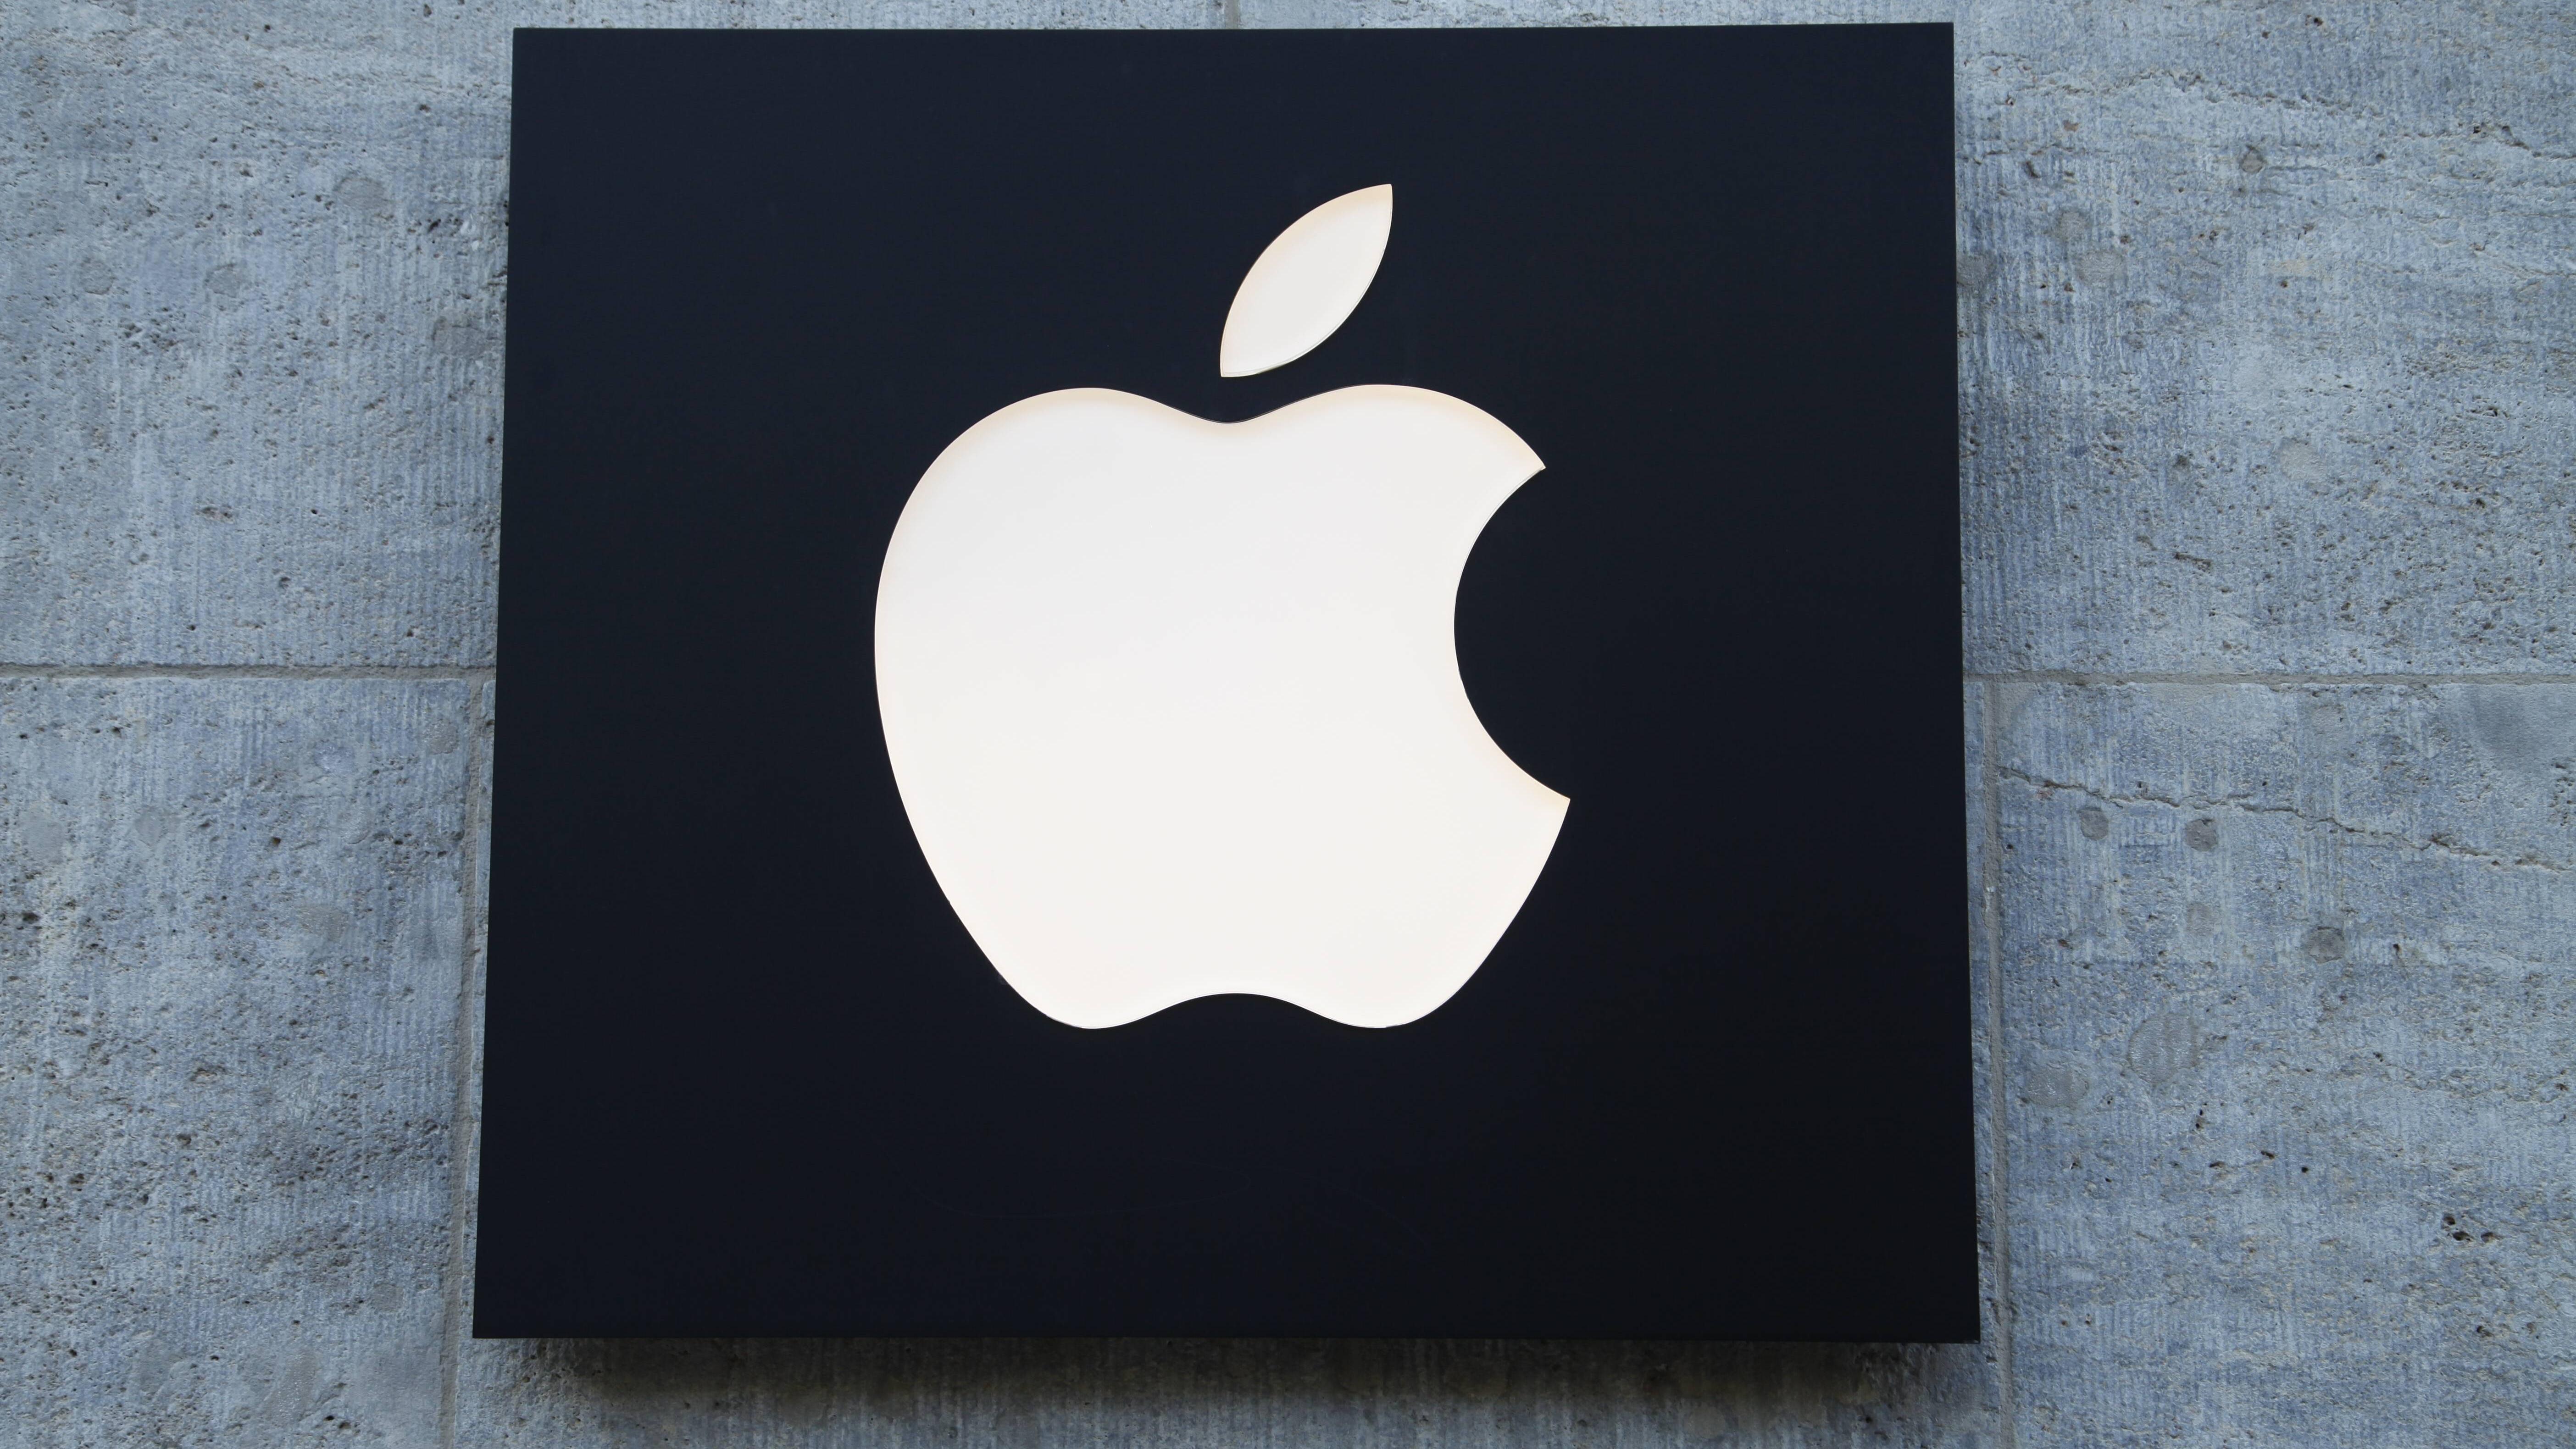 iPad ist deaktiviert - so beheben Sie das Problem